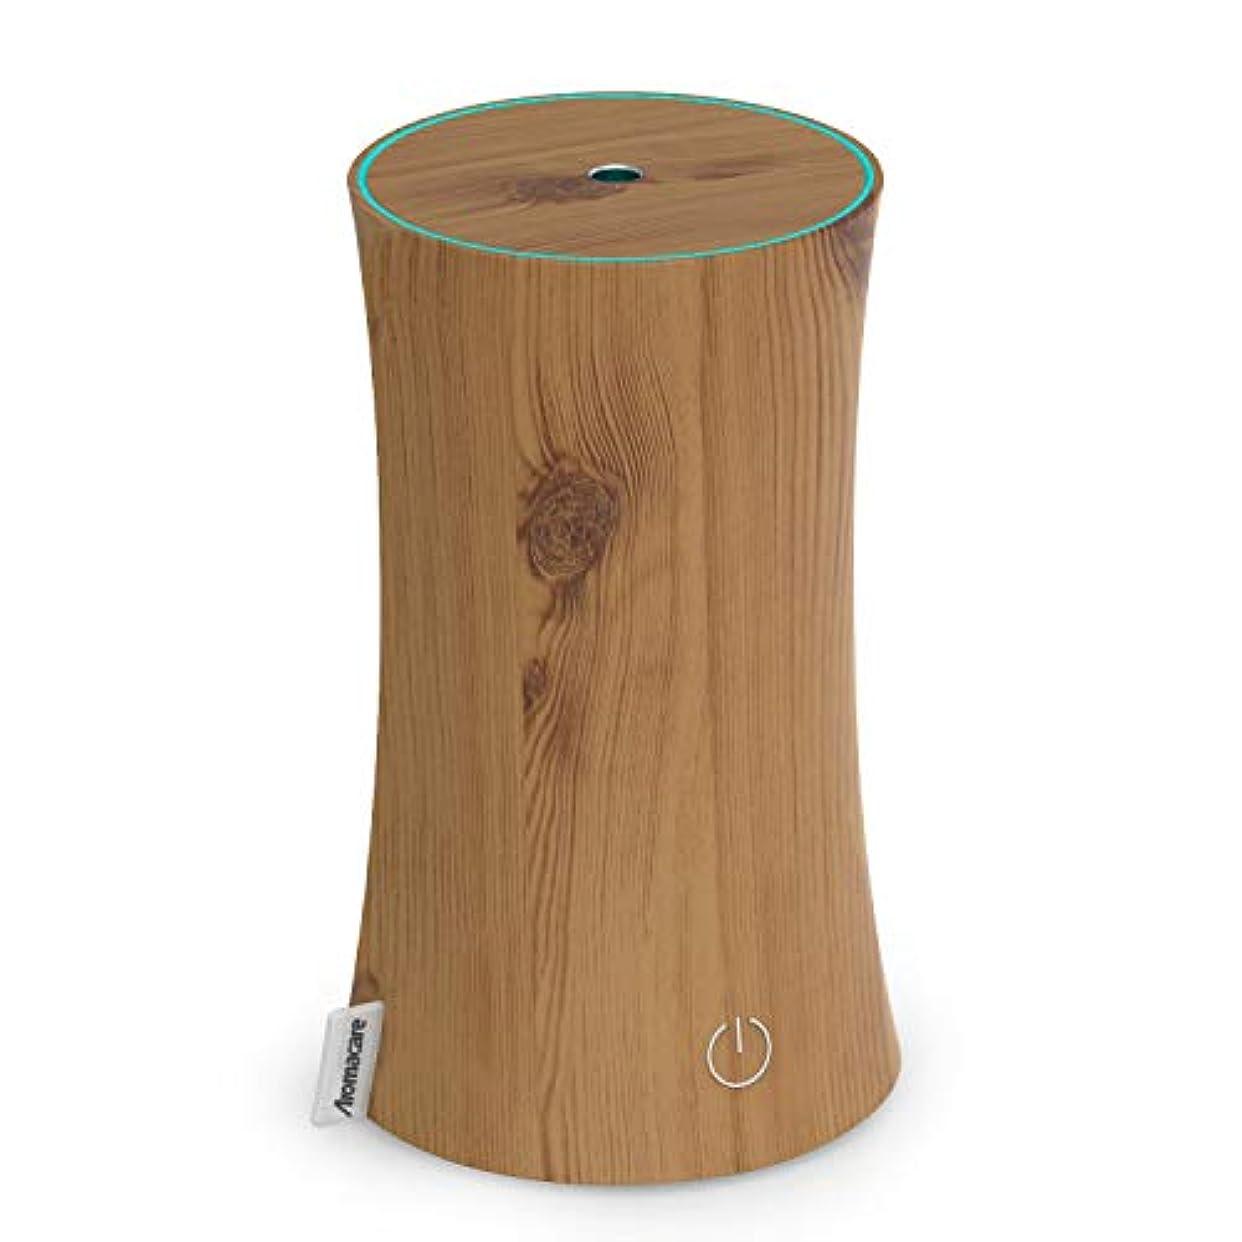 アロマディフューザー 卓上加湿器 センサー付き 超音波式 空焚き防止 低騒音 300ml 連続運転 各場所用 省エネ 木目調 木の色